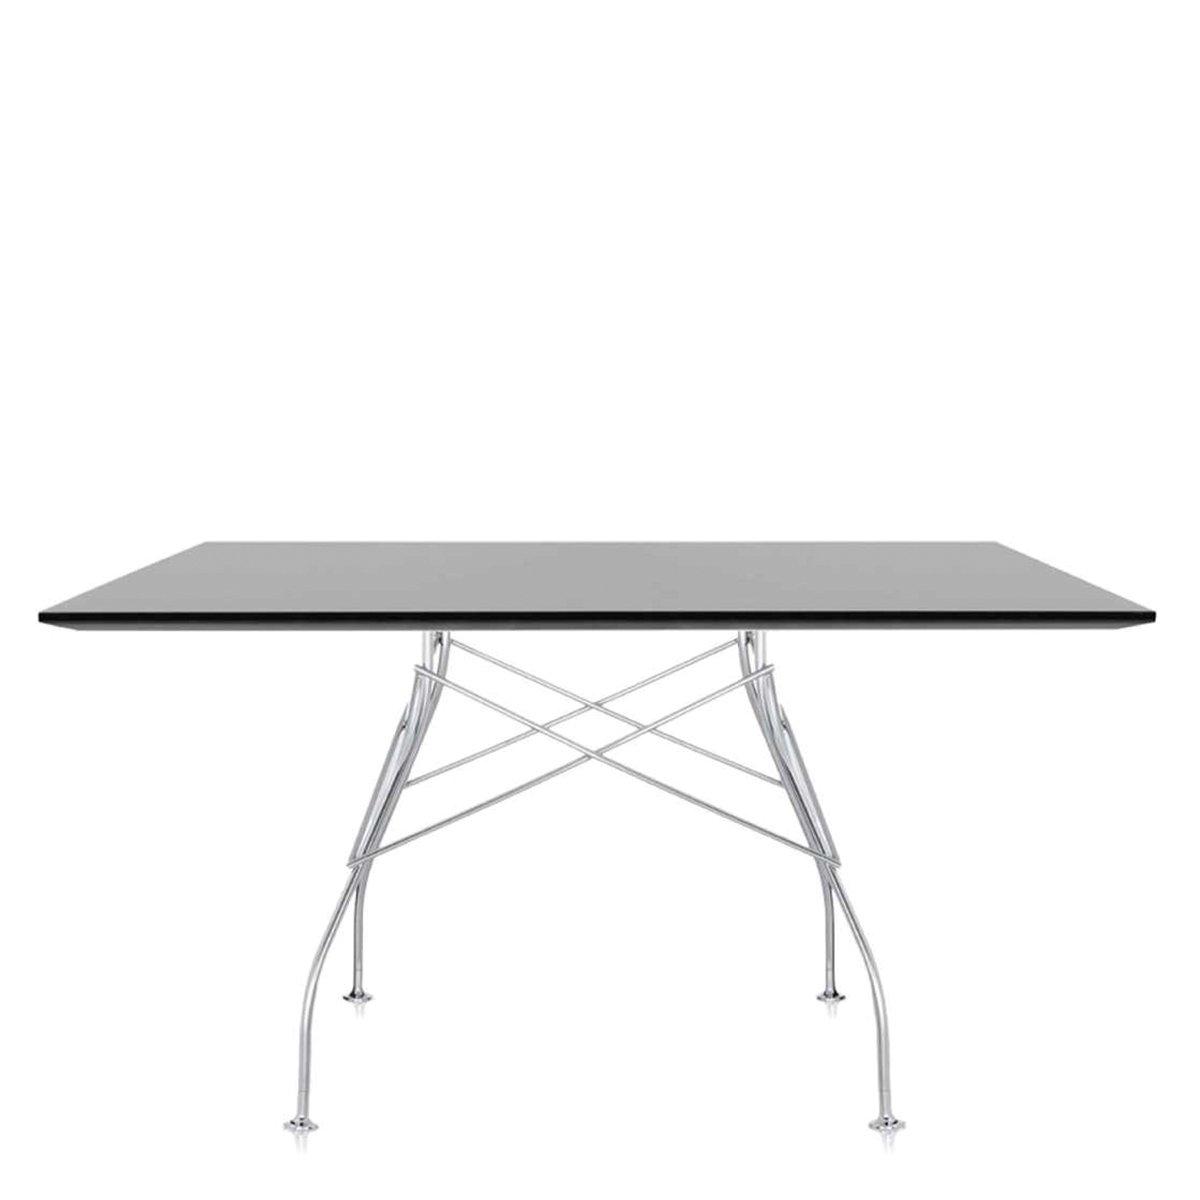 Kartell Gloss Eettafel 130 x 130 cm - Zwart